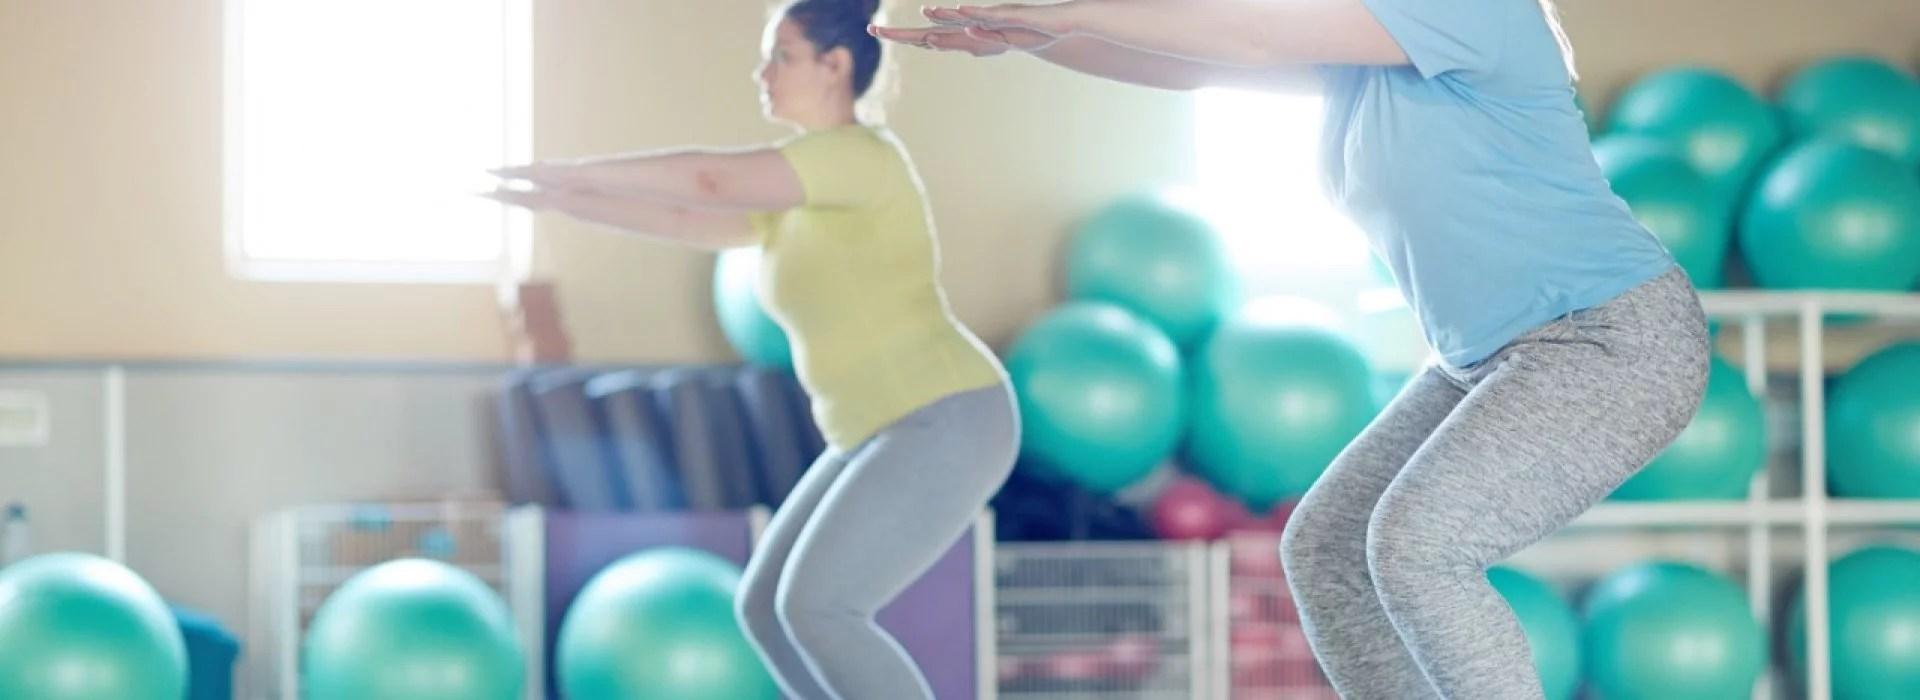 Veja a importância da moda fitness plus size no mercado